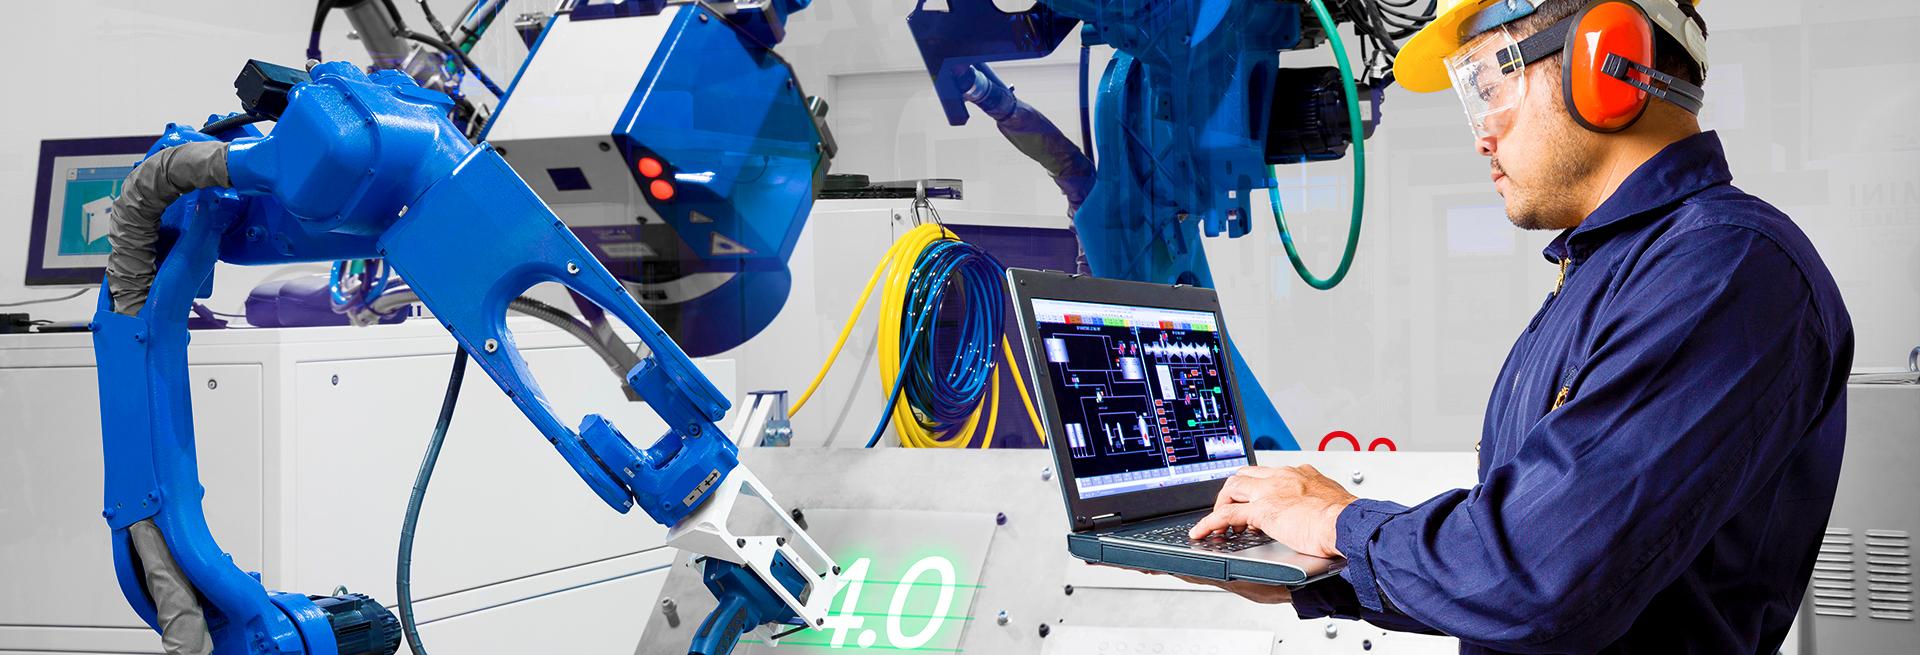 A pandemia serviu para acelerar a transformação digital no mercado automotivo. Confira os cursos e nichos que serão mais valorizados na indústria do futuro.